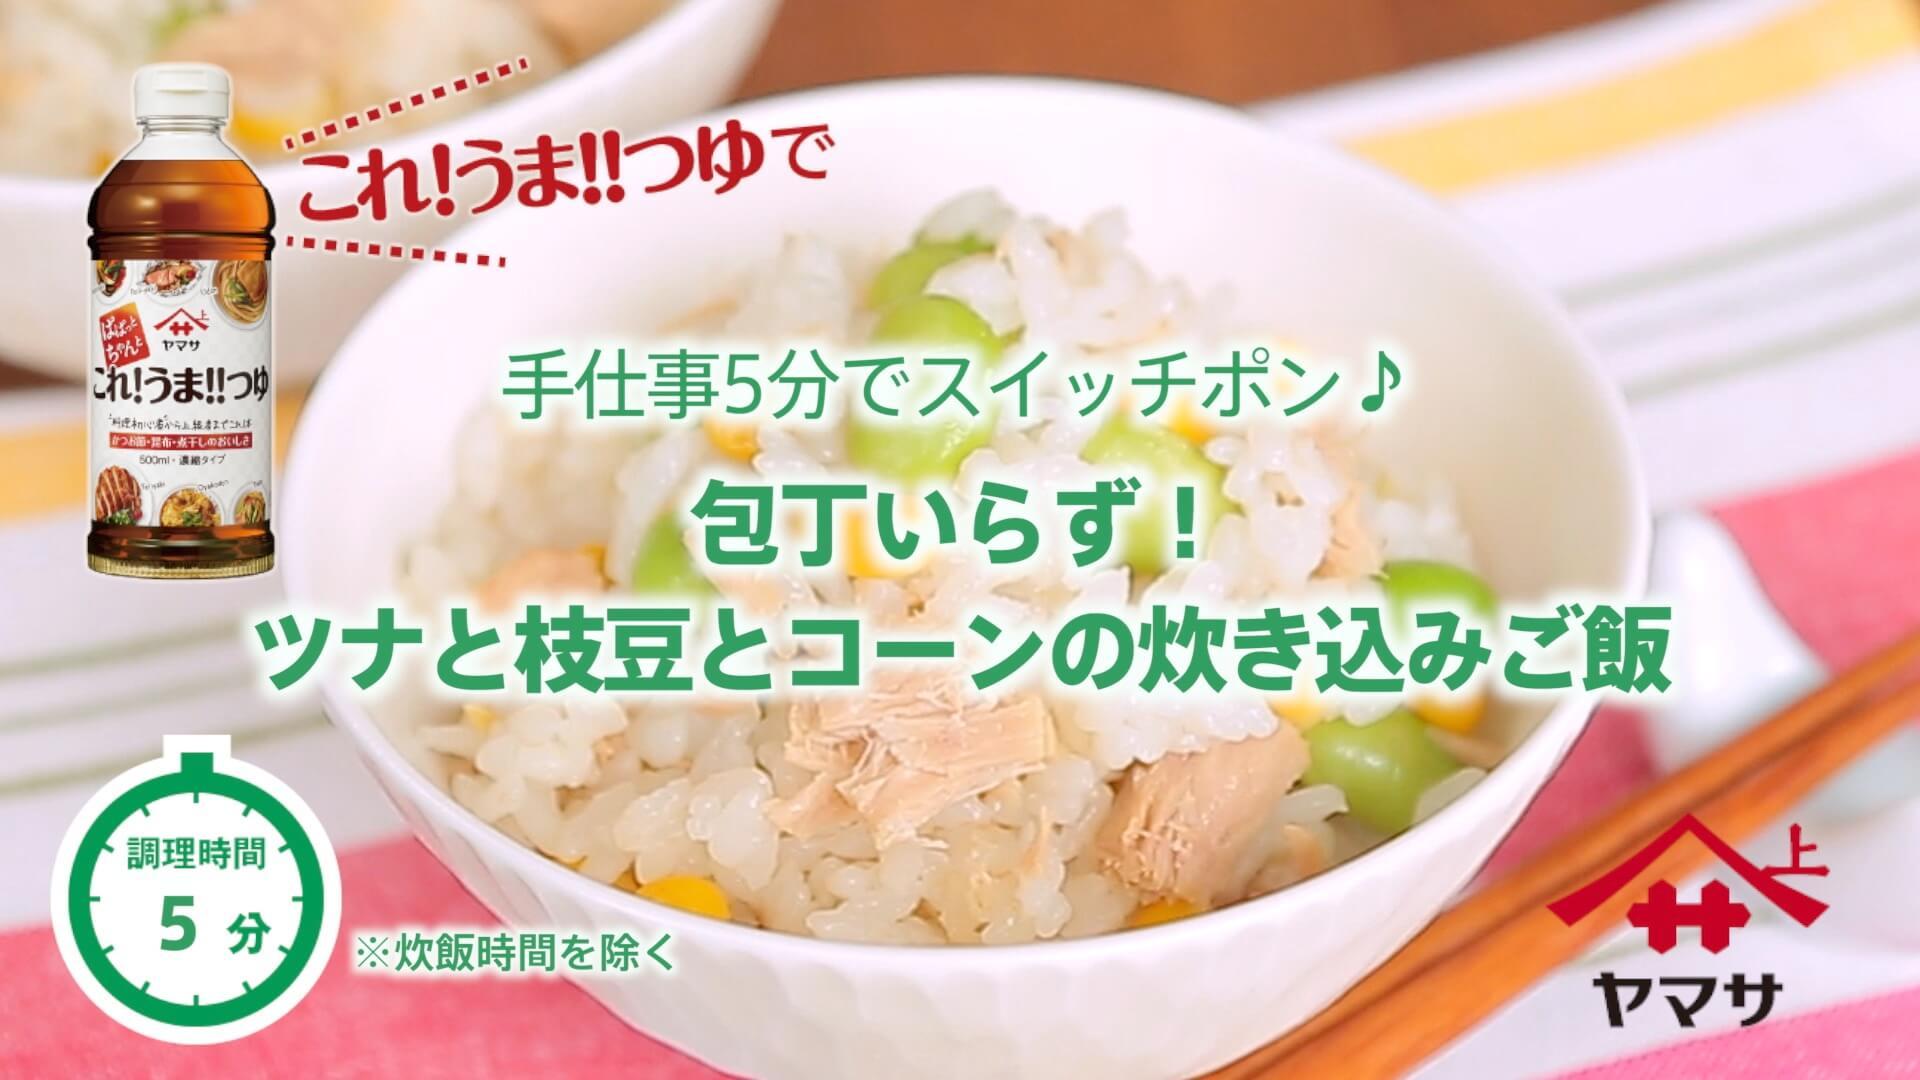 包丁いらず!ツナと枝豆とコーンの炊き込みご飯